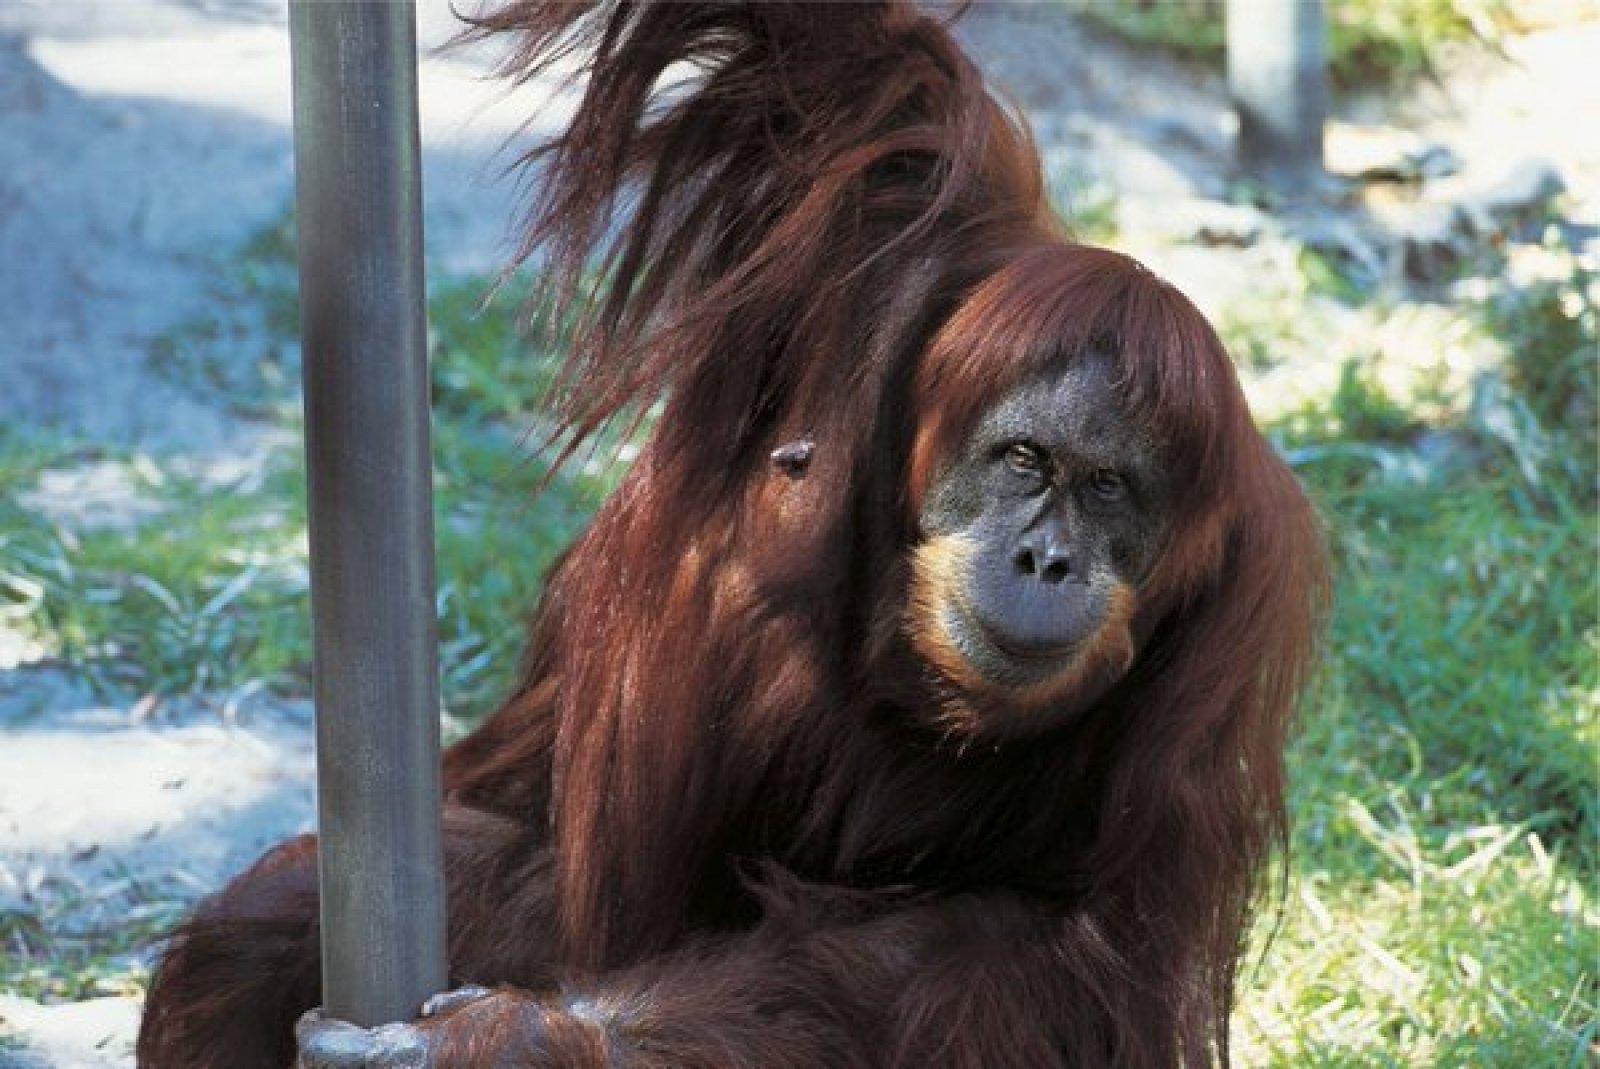 La orangutan Puan en una imatge d'arxiu.